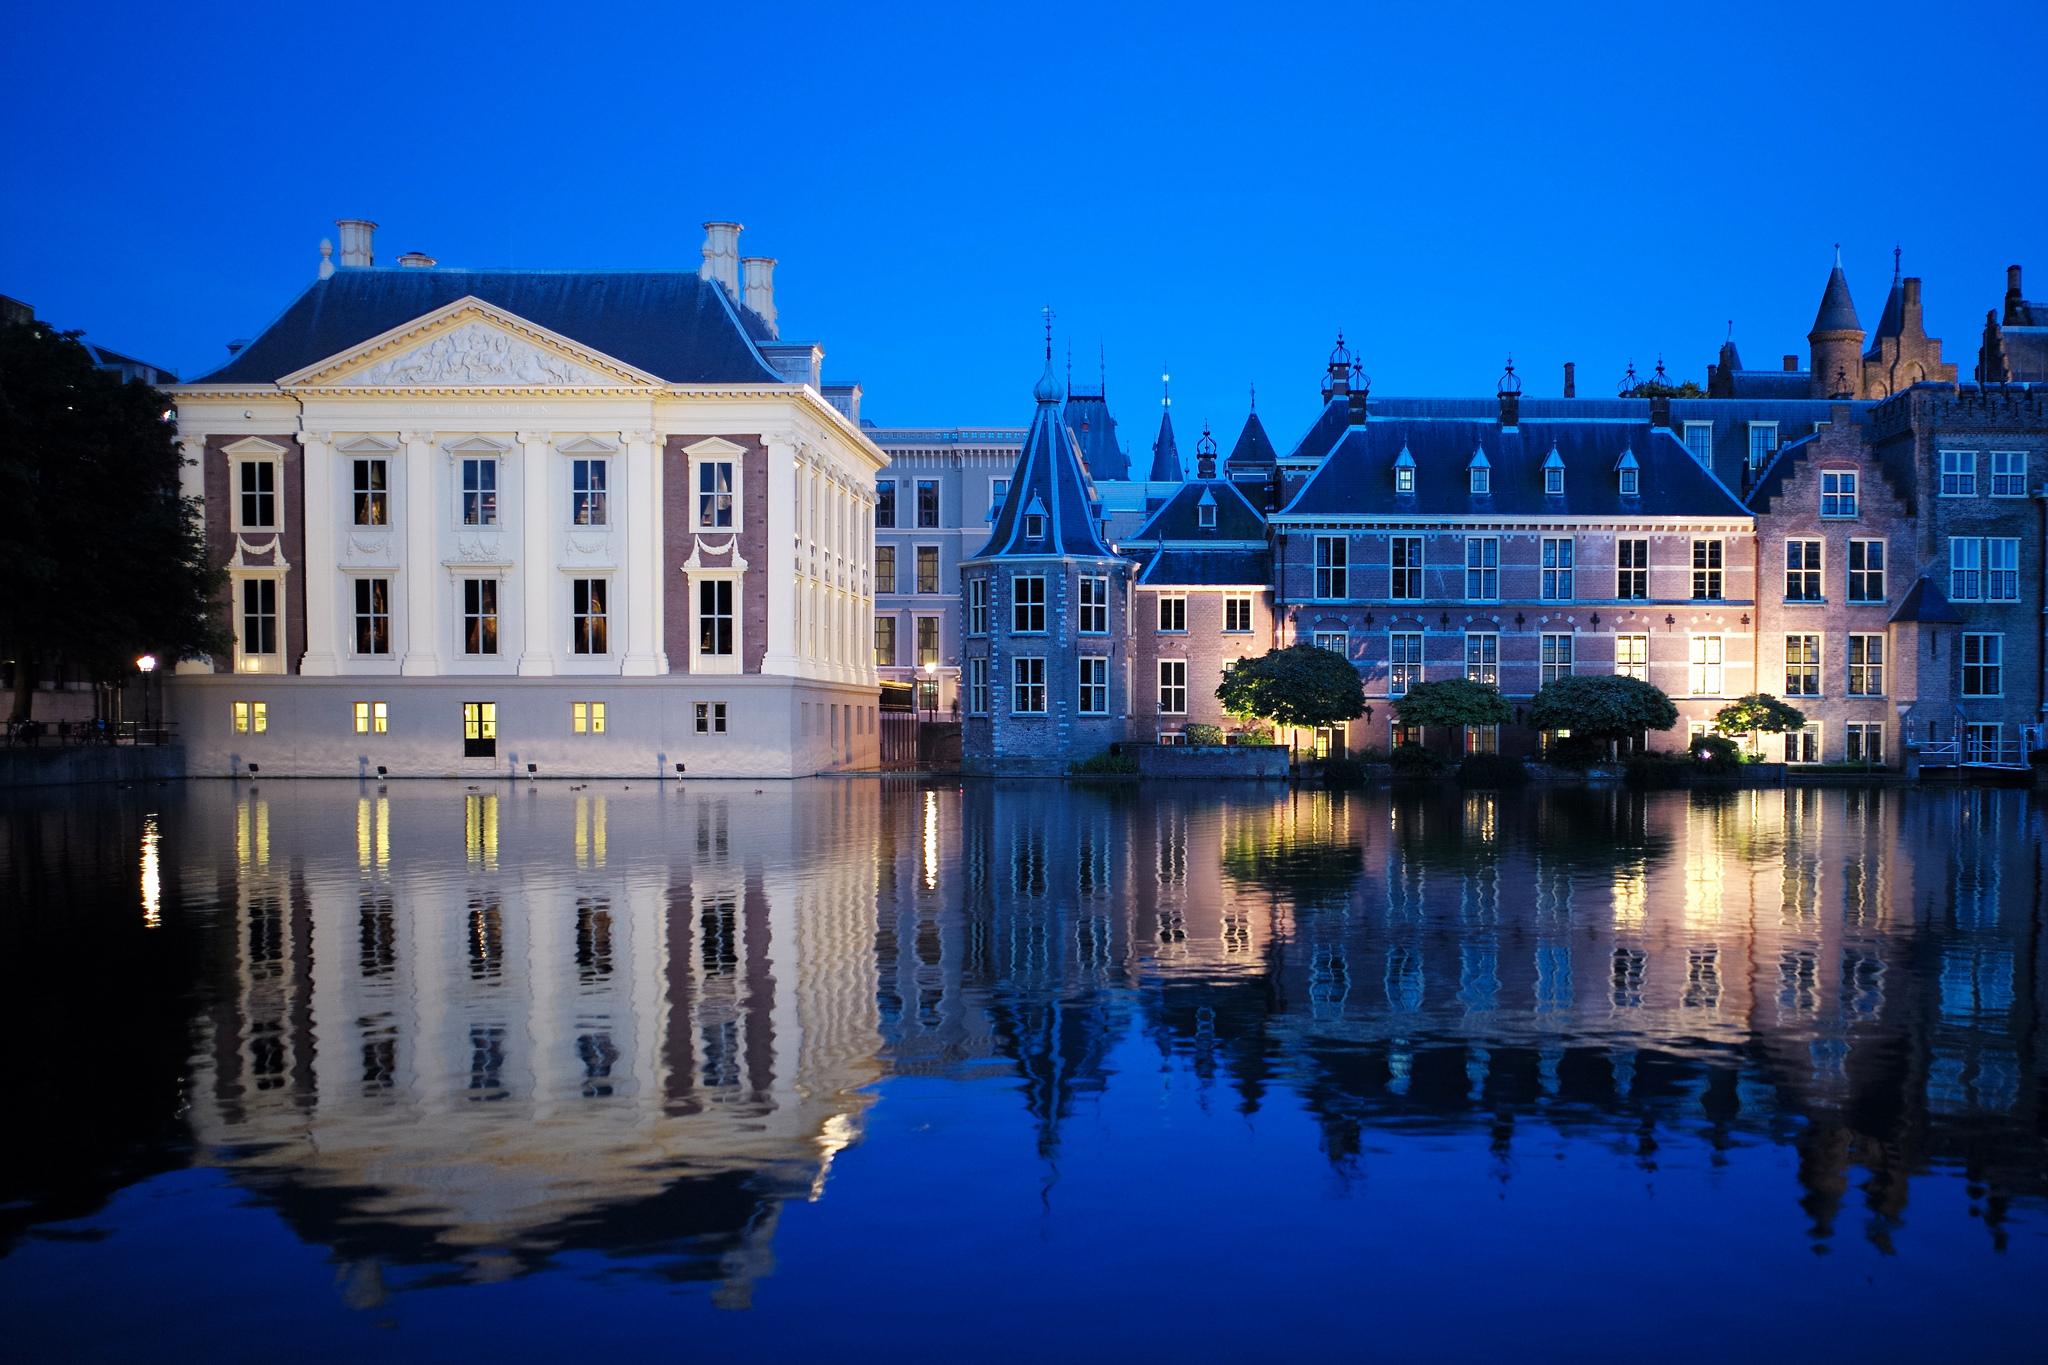 Hague-Blue-Hour